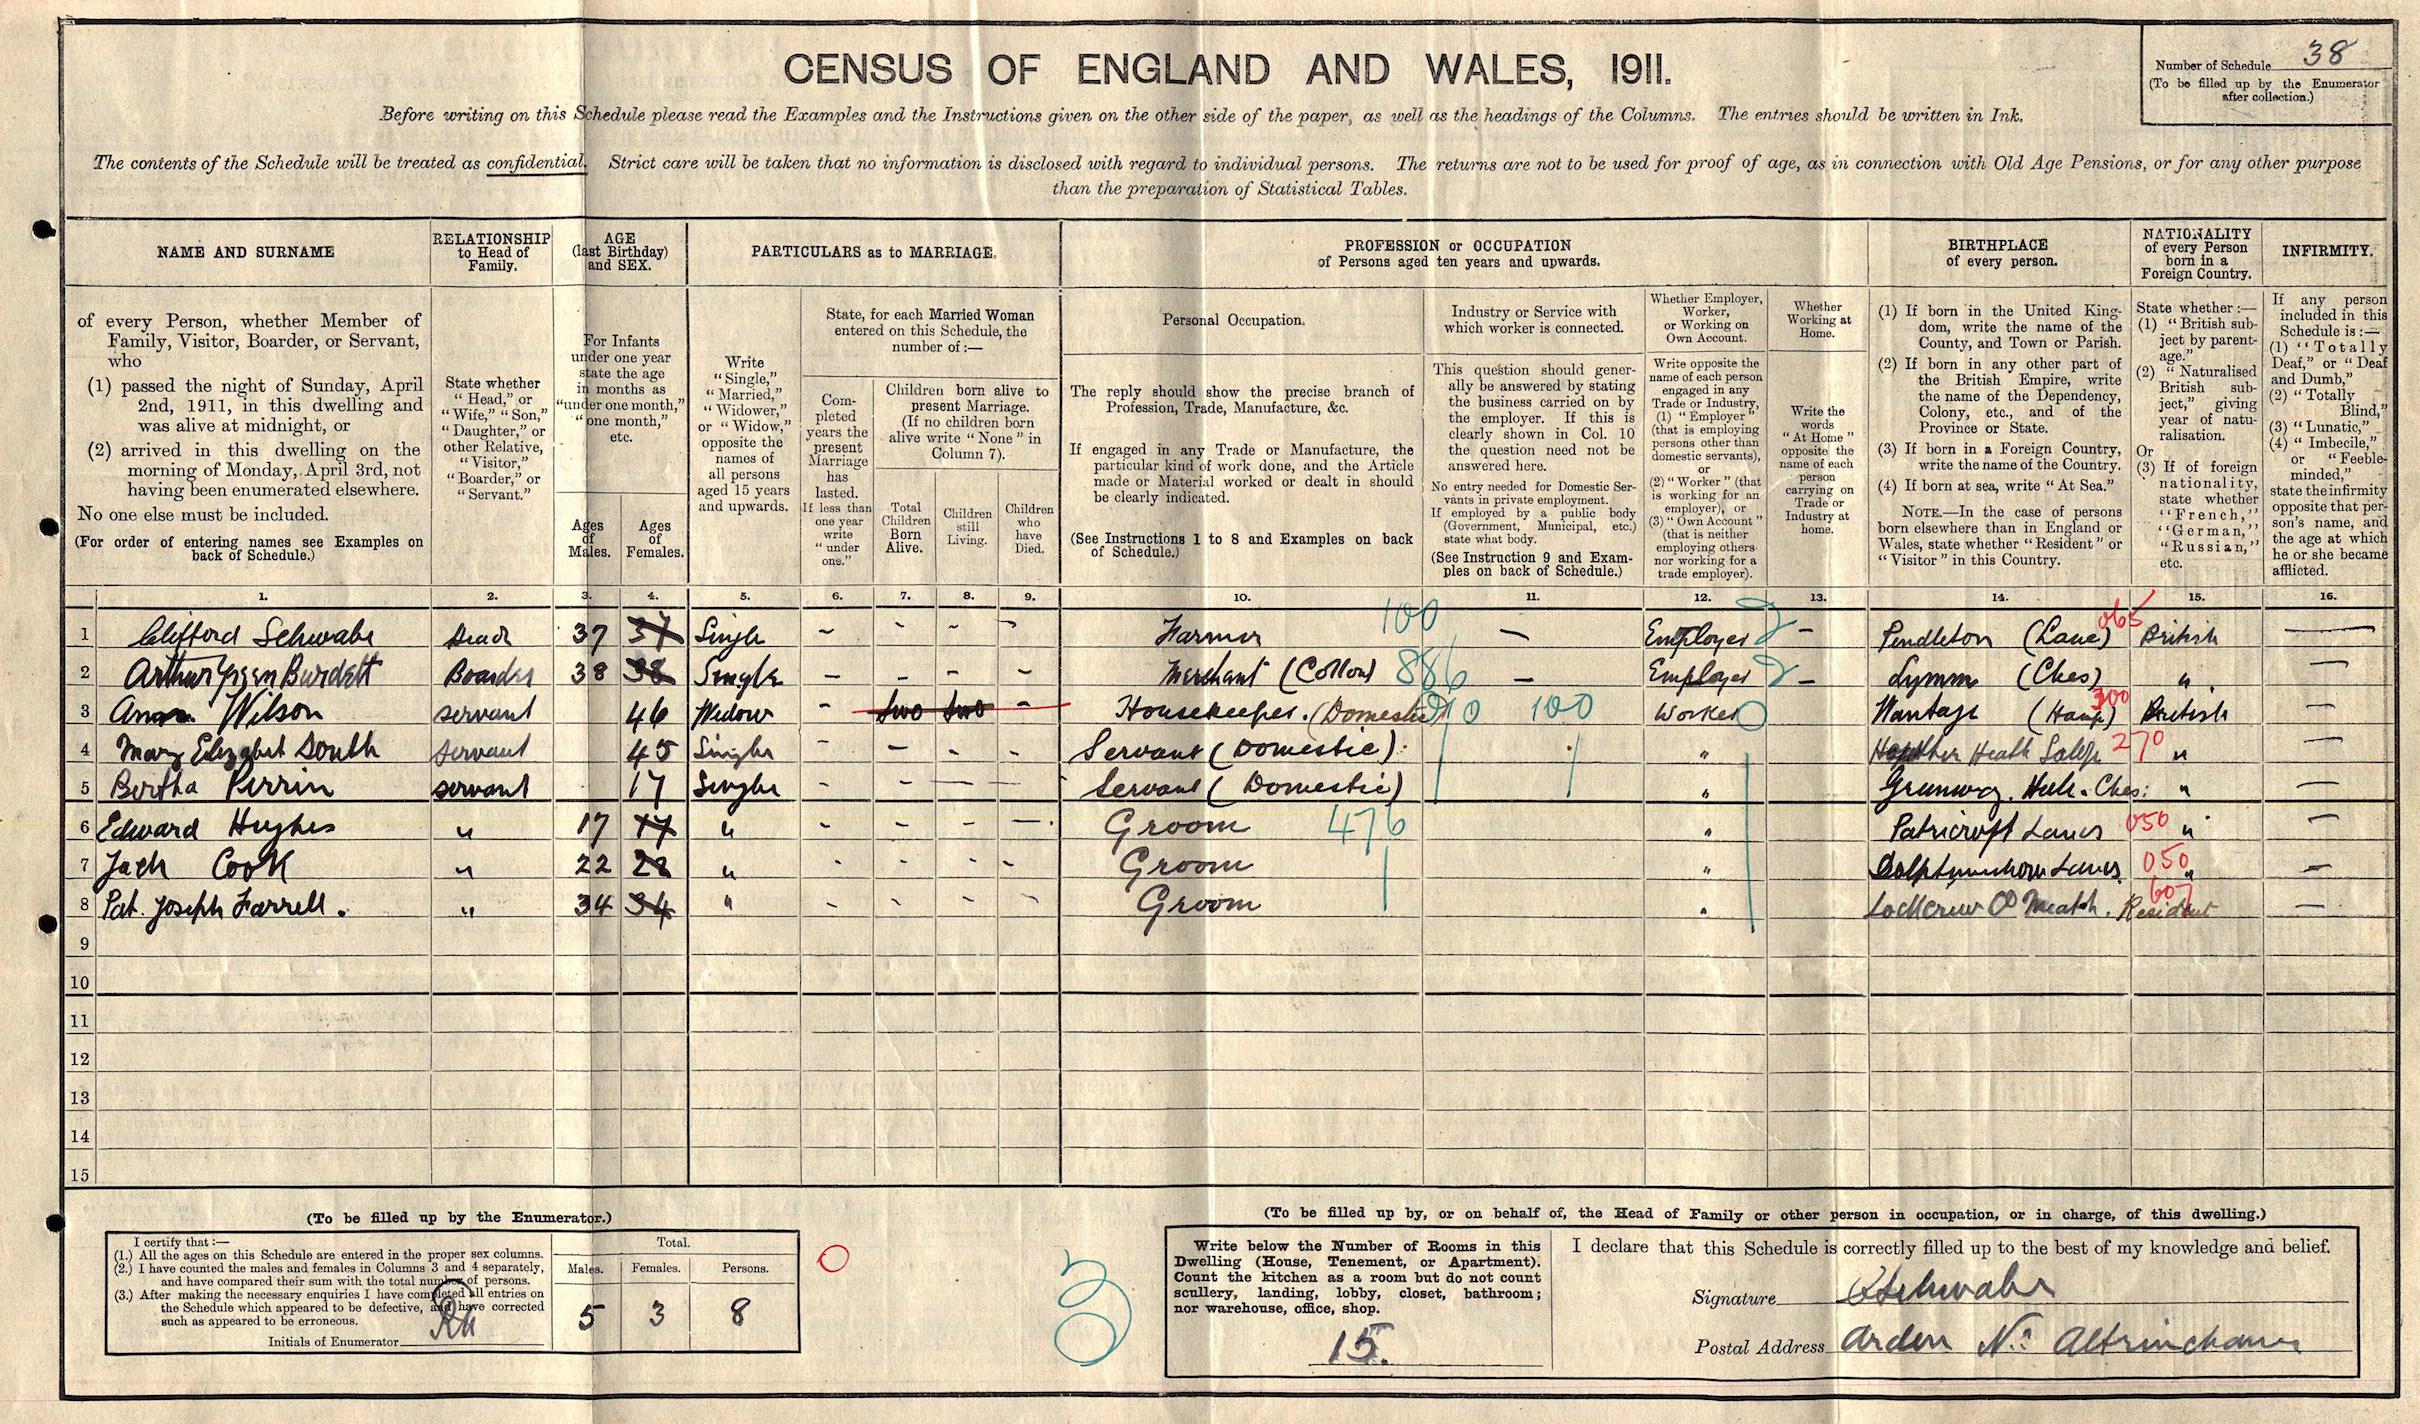 Arthur Green Burdett and Clifford Schwabe on 1911 census